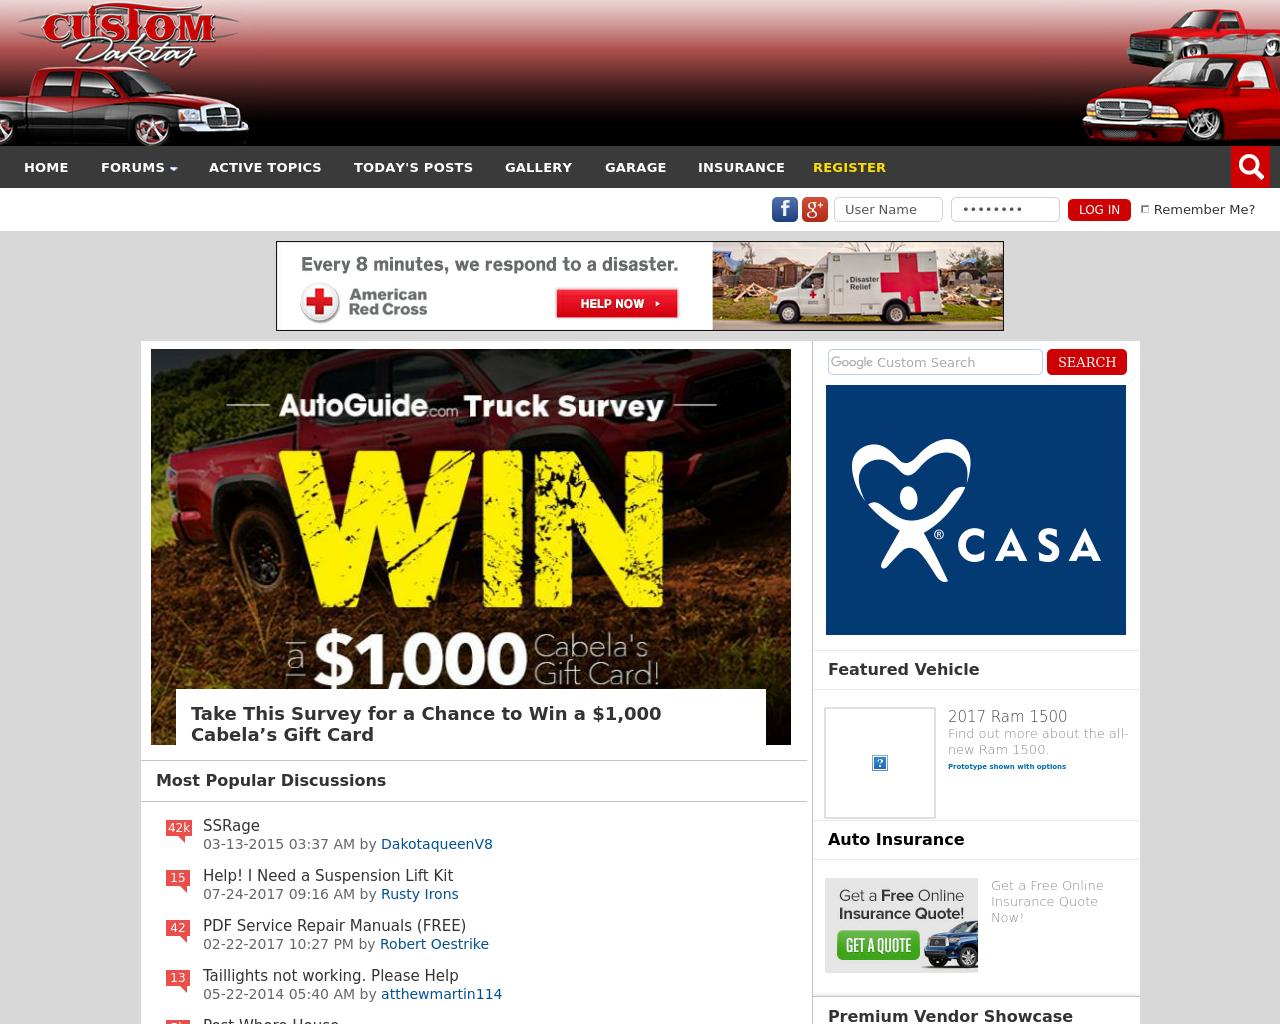 Dodge-Dakota-Forum-Advertising-Reviews-Pricing